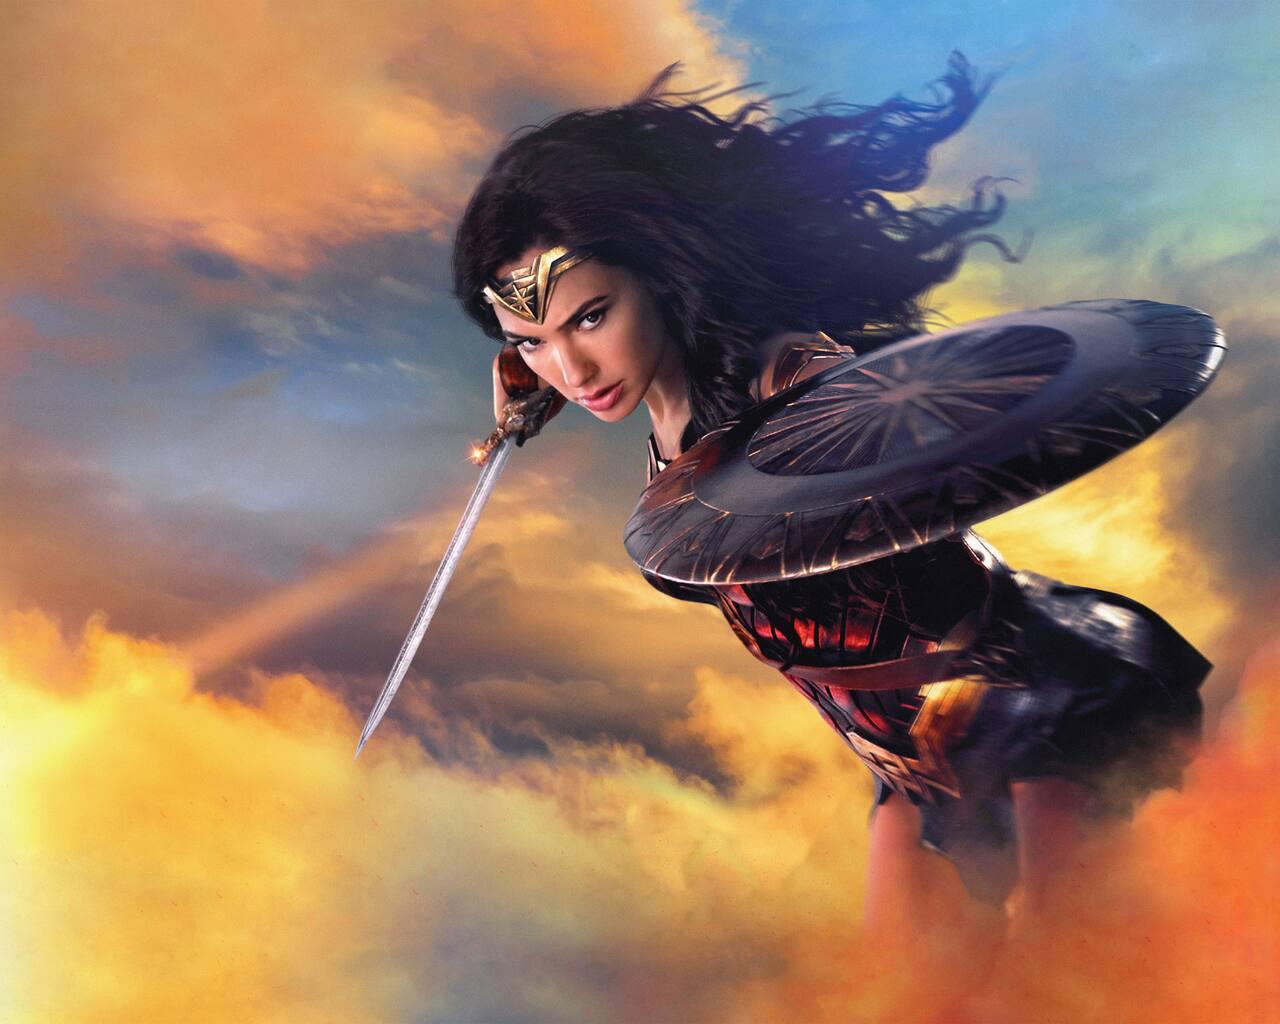 Wallpaper Wonder Woman Hd 4k 8k Movies 9526: 1280x1024 2017 Wonder Woman 8k 1280x1024 Resolution HD 4k